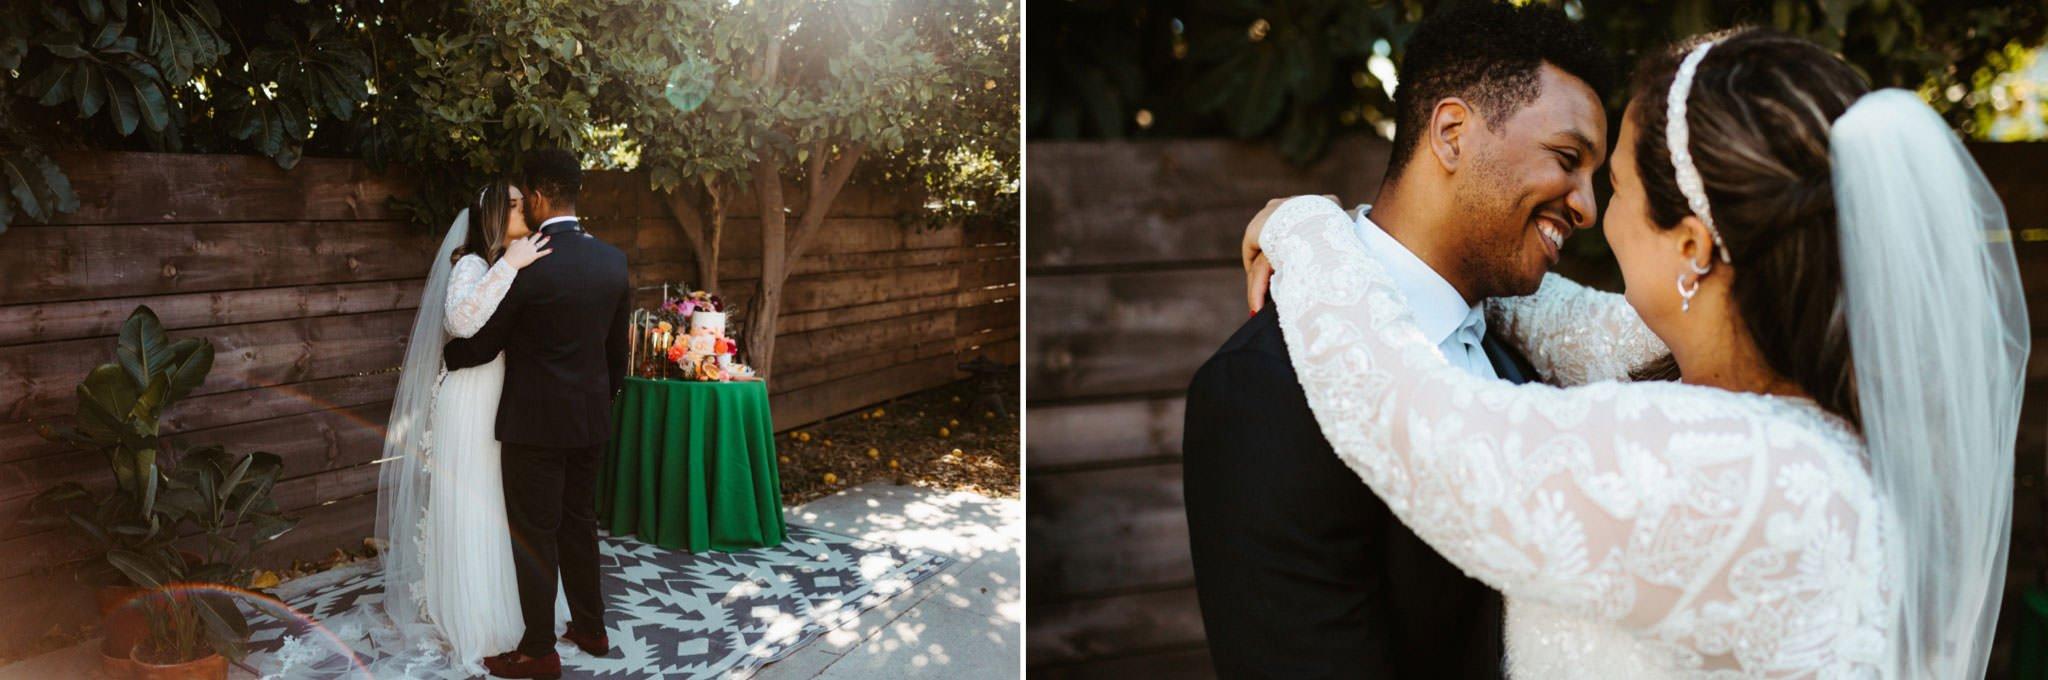 la elopement photos 070